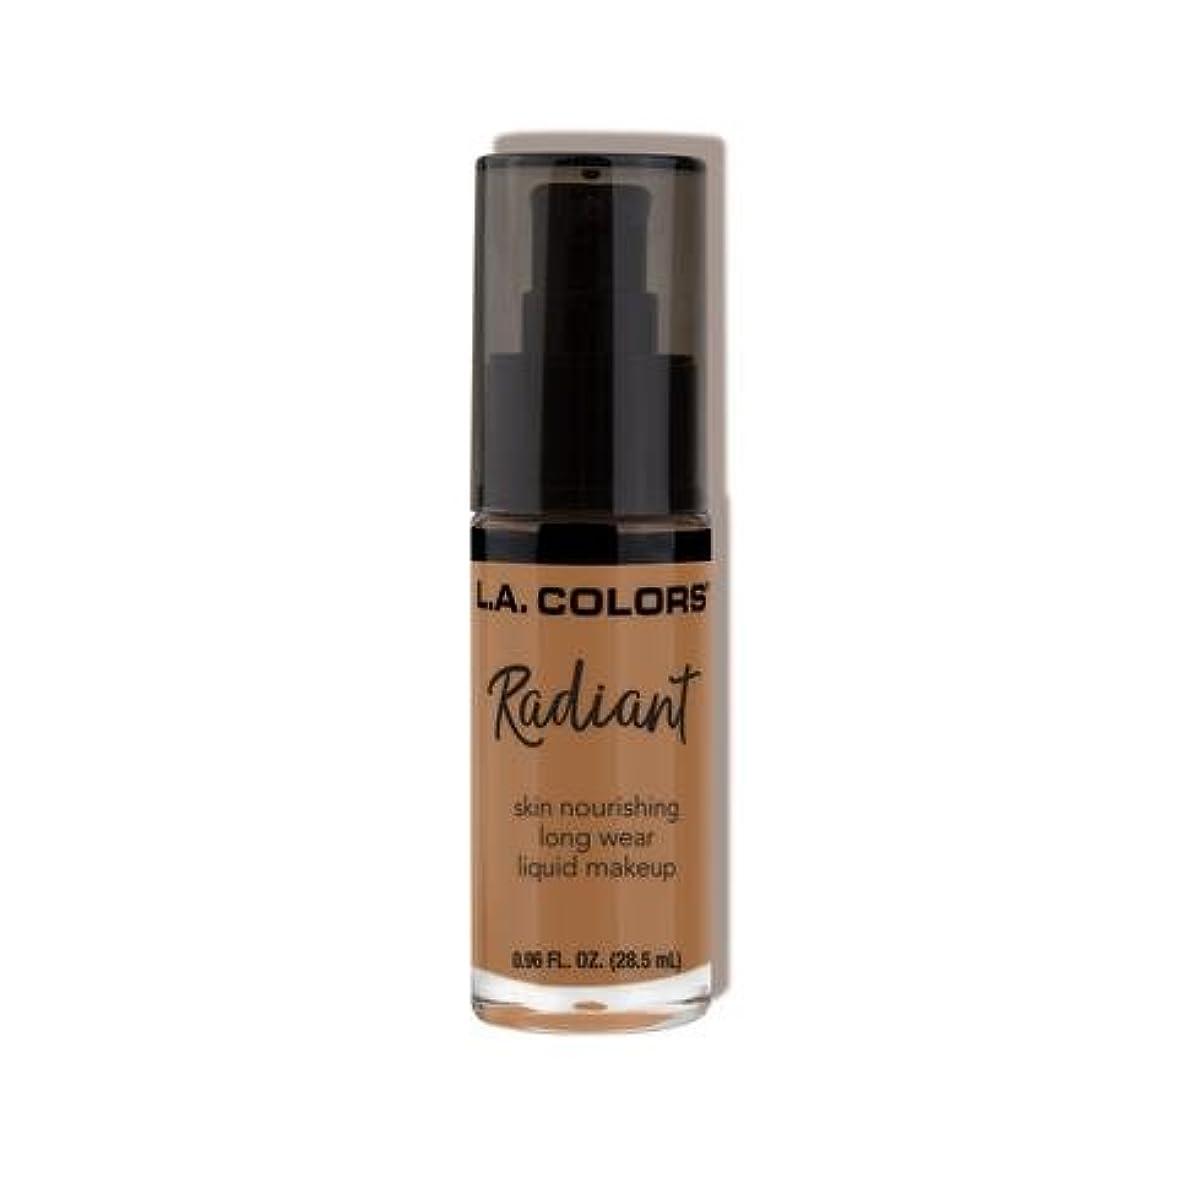 カップ変更可能実装する(6 Pack) L.A. COLORS Radiant Liquid Makeup - Chestnut (並行輸入品)